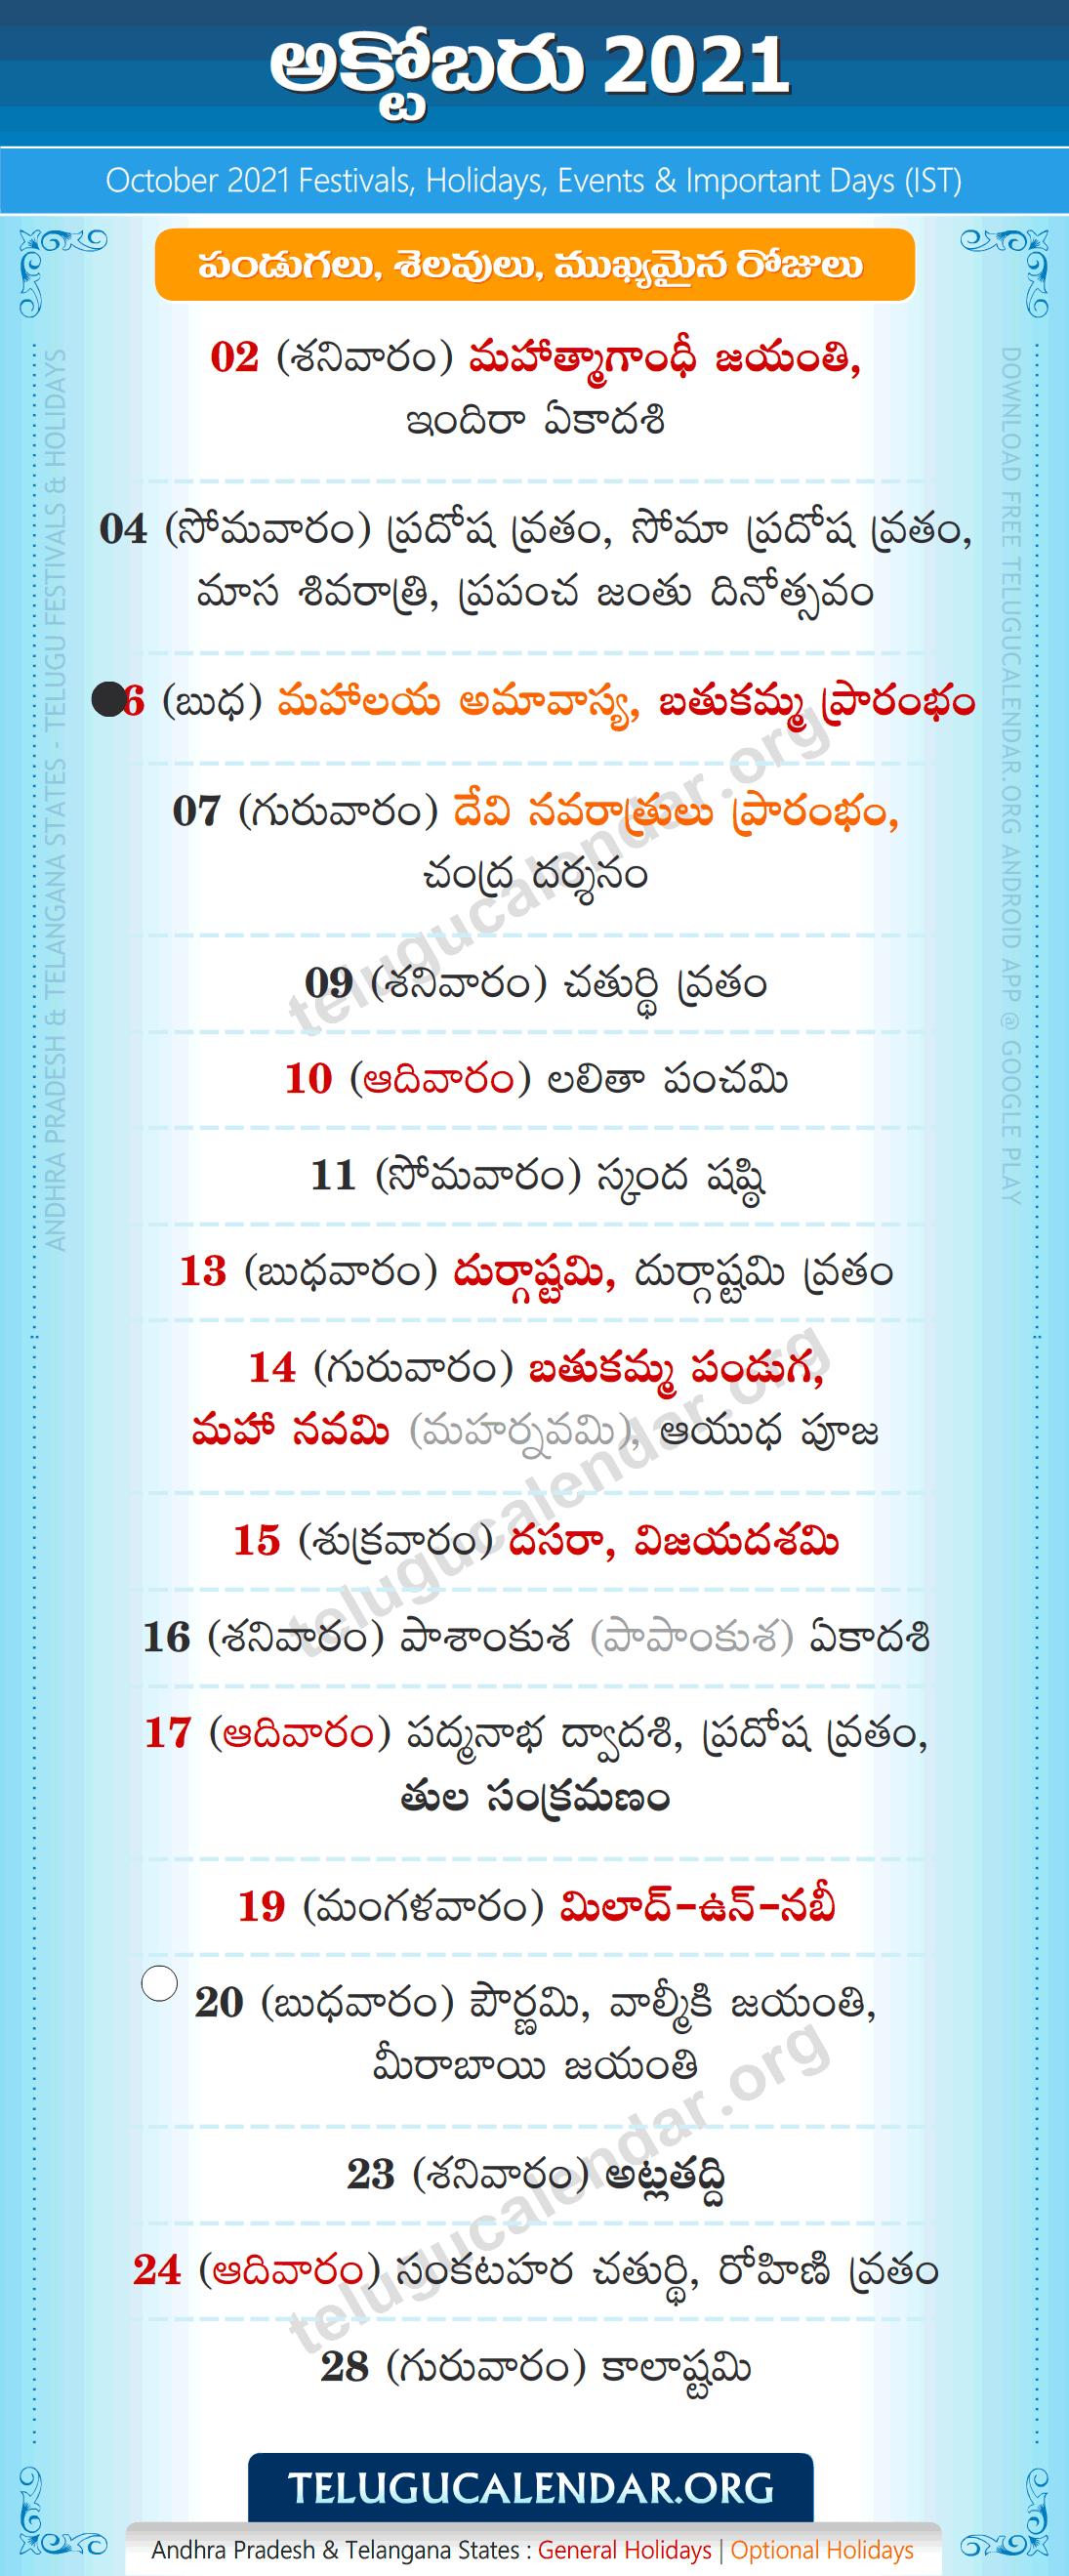 Telugu Calendar 2022 October.Telugu Festivals 2021 October